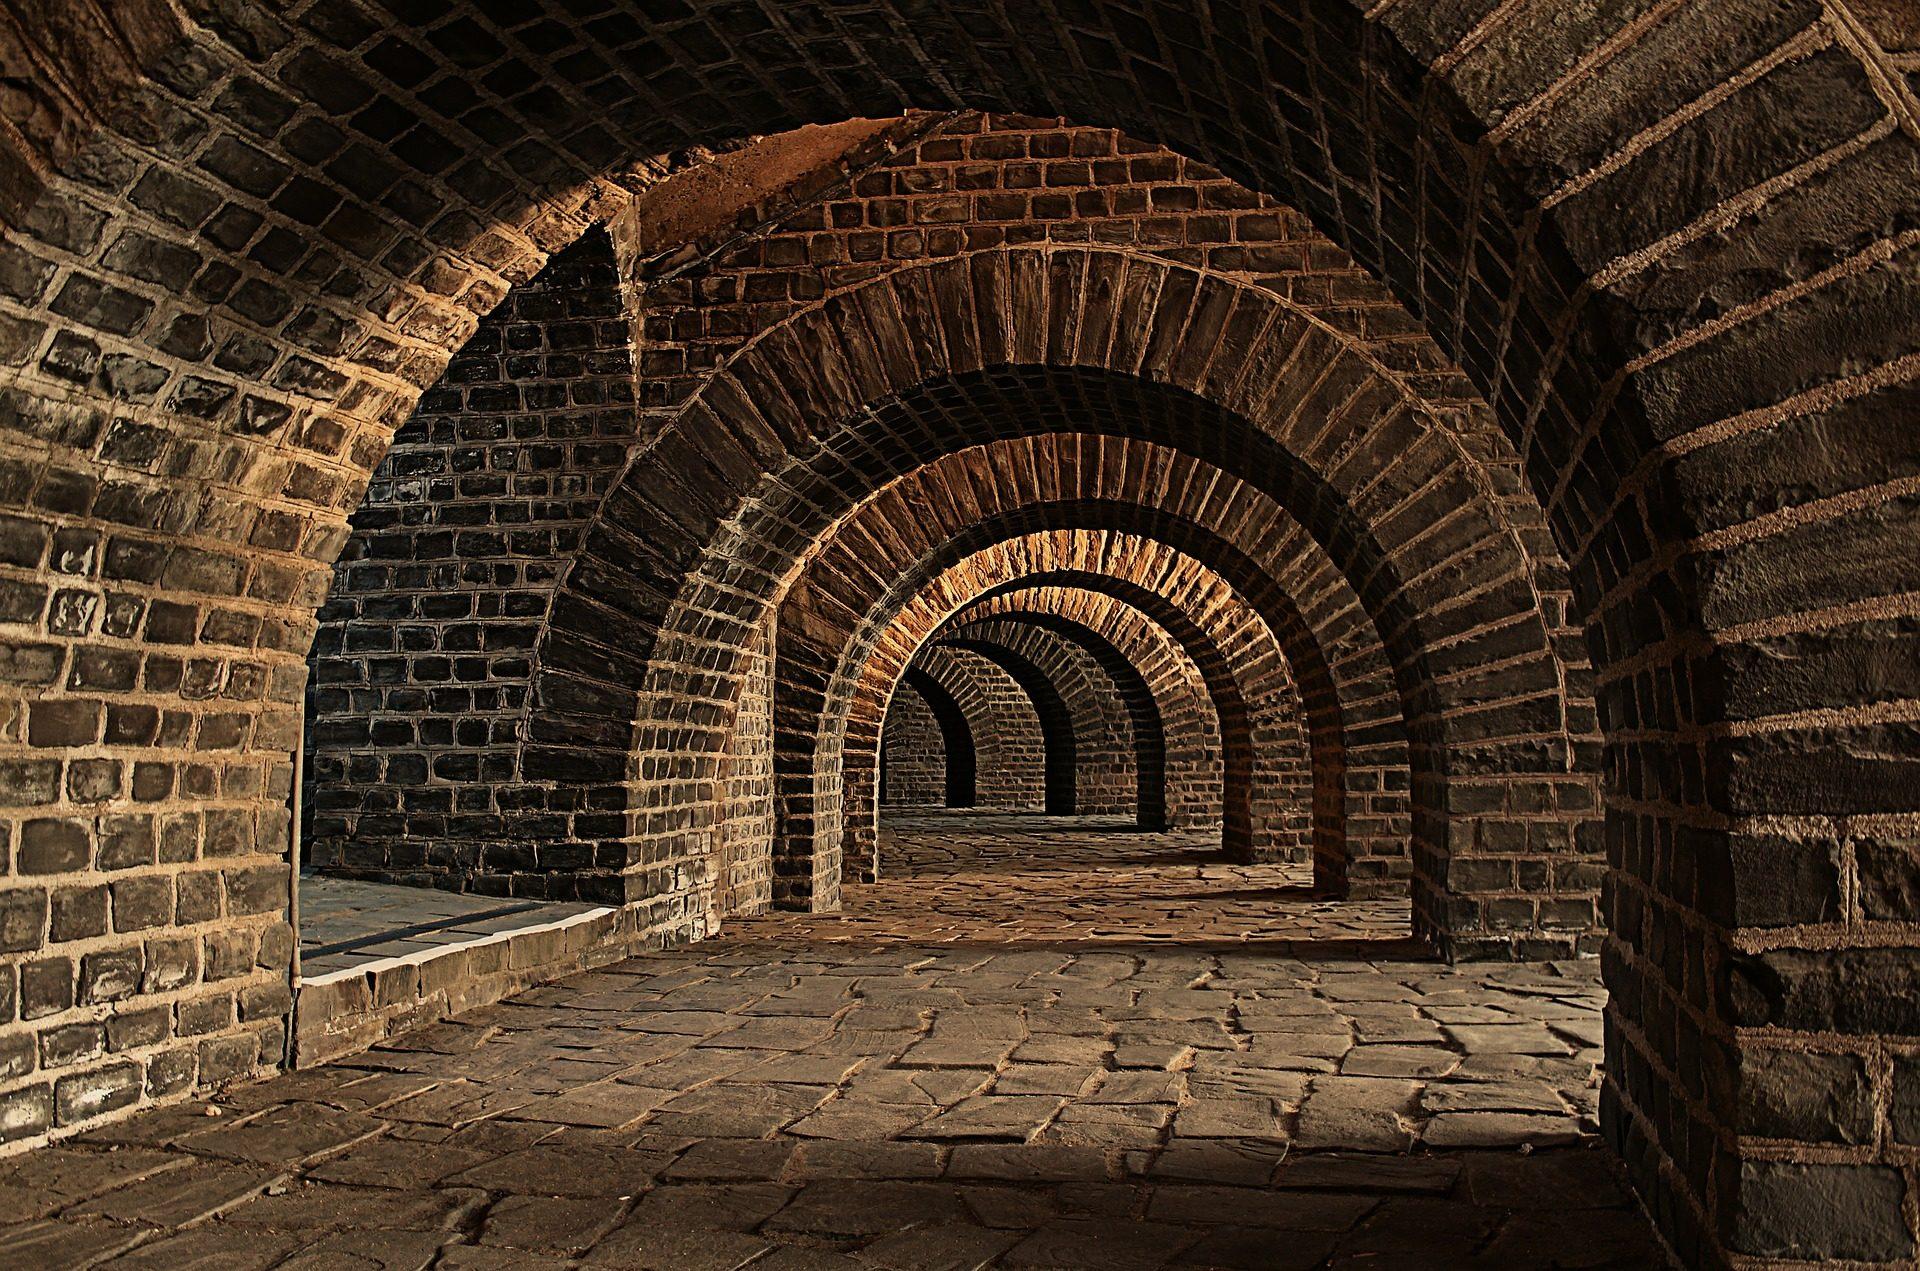 bóvedas, 隧道, 奇石, ladrillos, keller - 高清壁纸 - 教授-falken.com